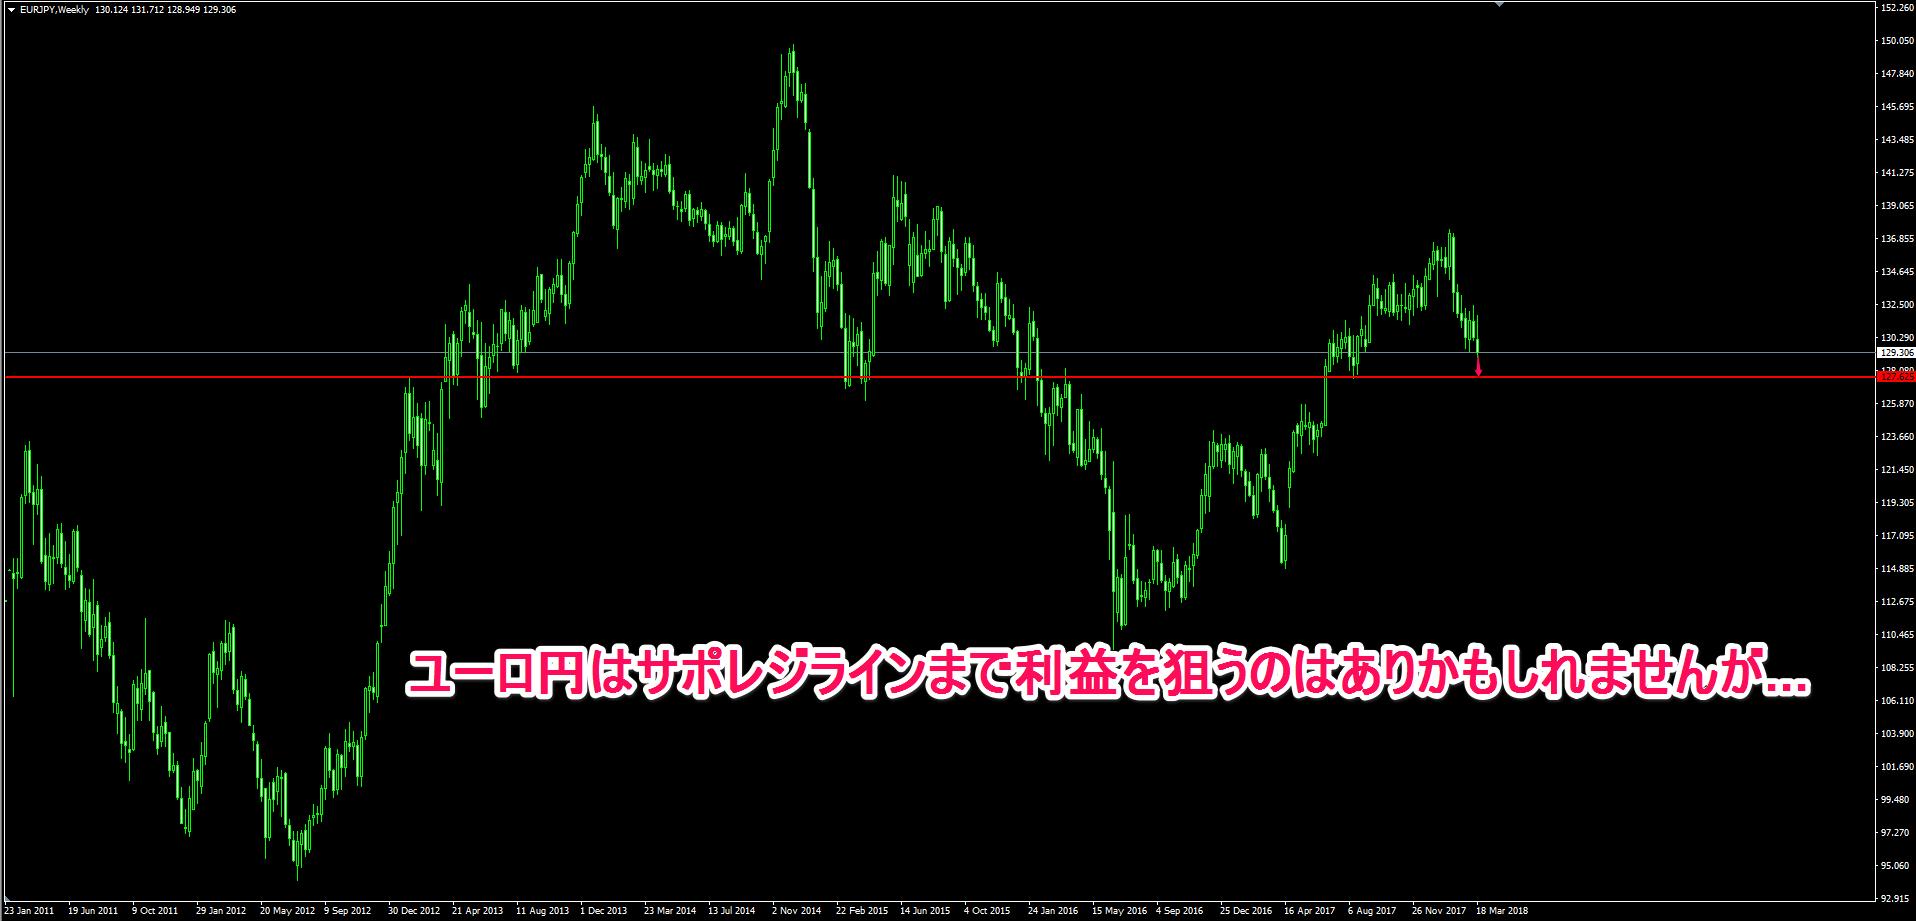 ユーロ円の週足チャート